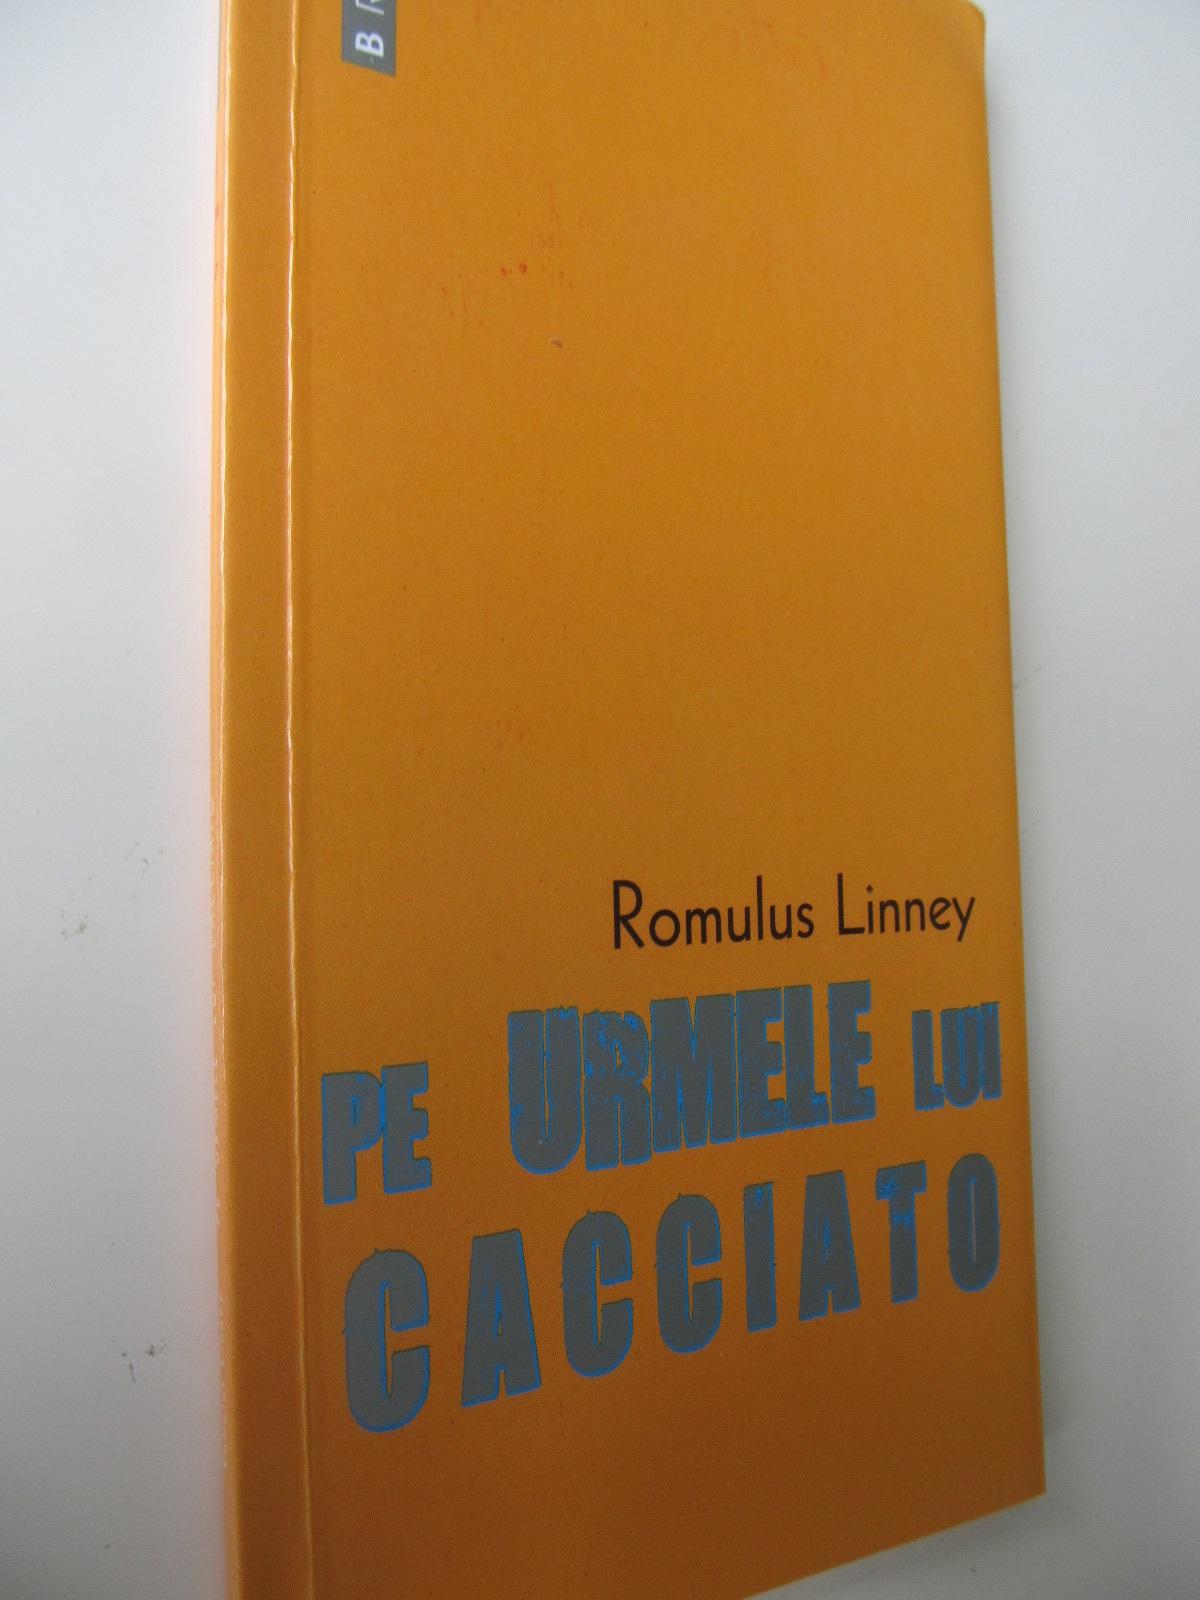 Pe urmele lui Cacciato - Romulus Linney | Detalii carte